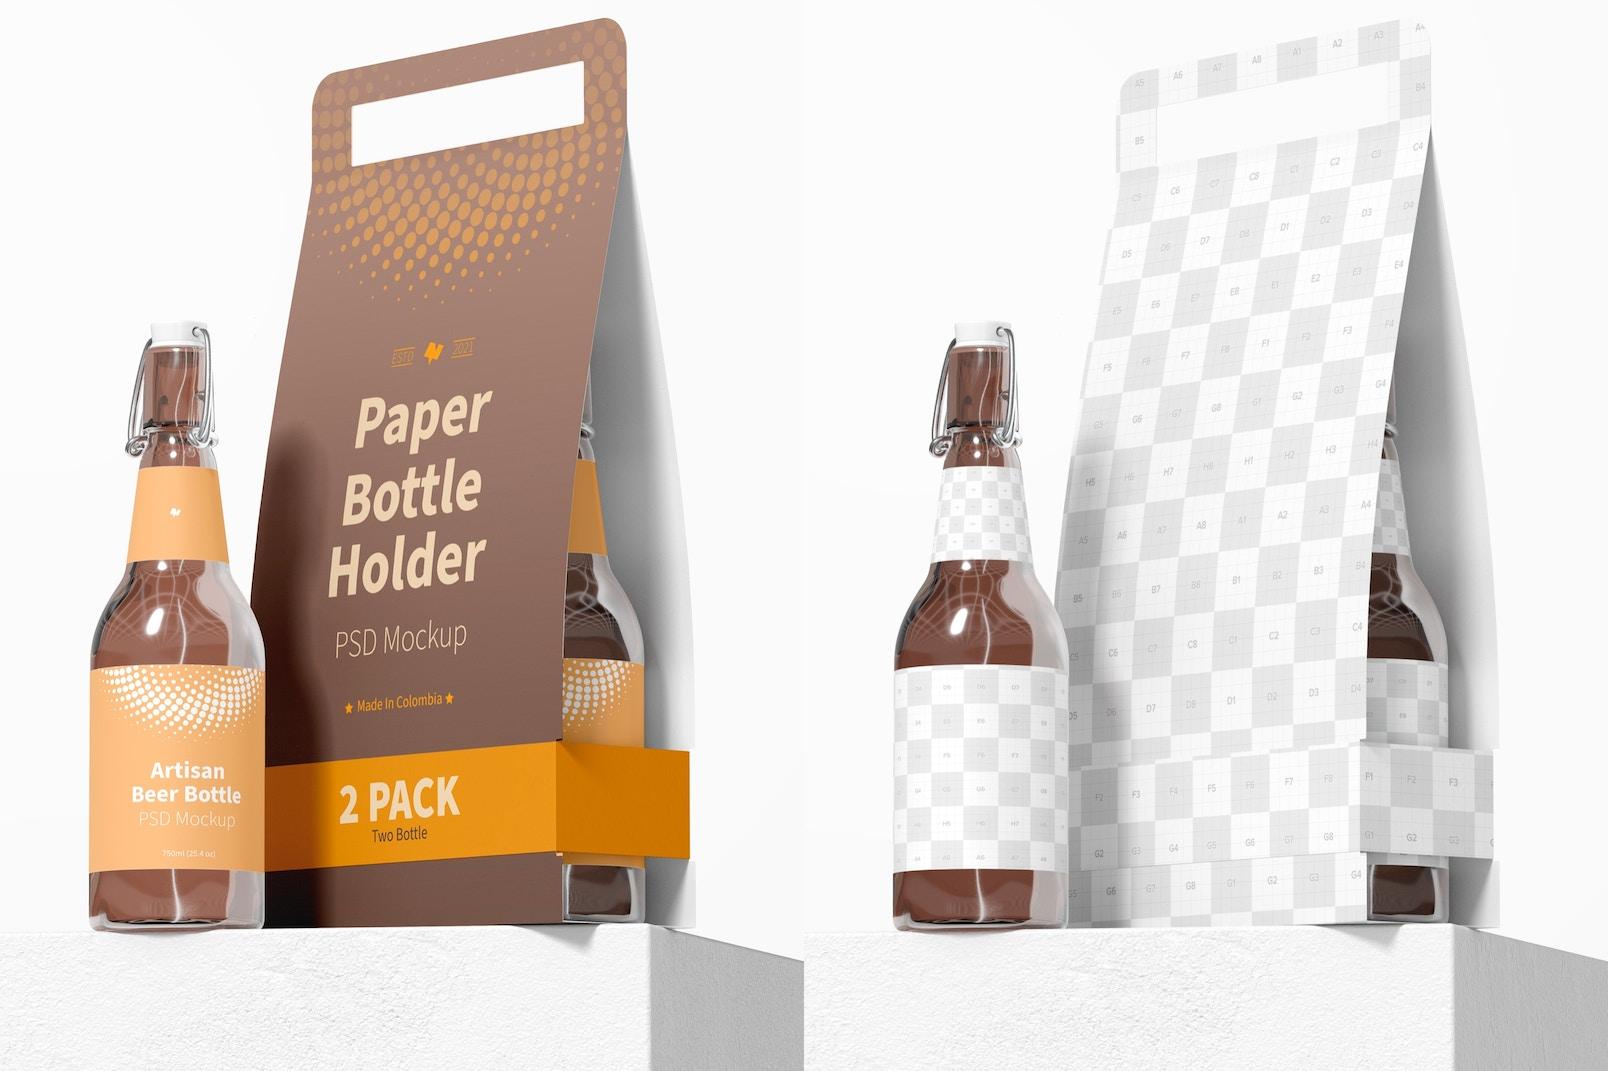 2 Pack Paper Bottle Holder Mockup, Front View